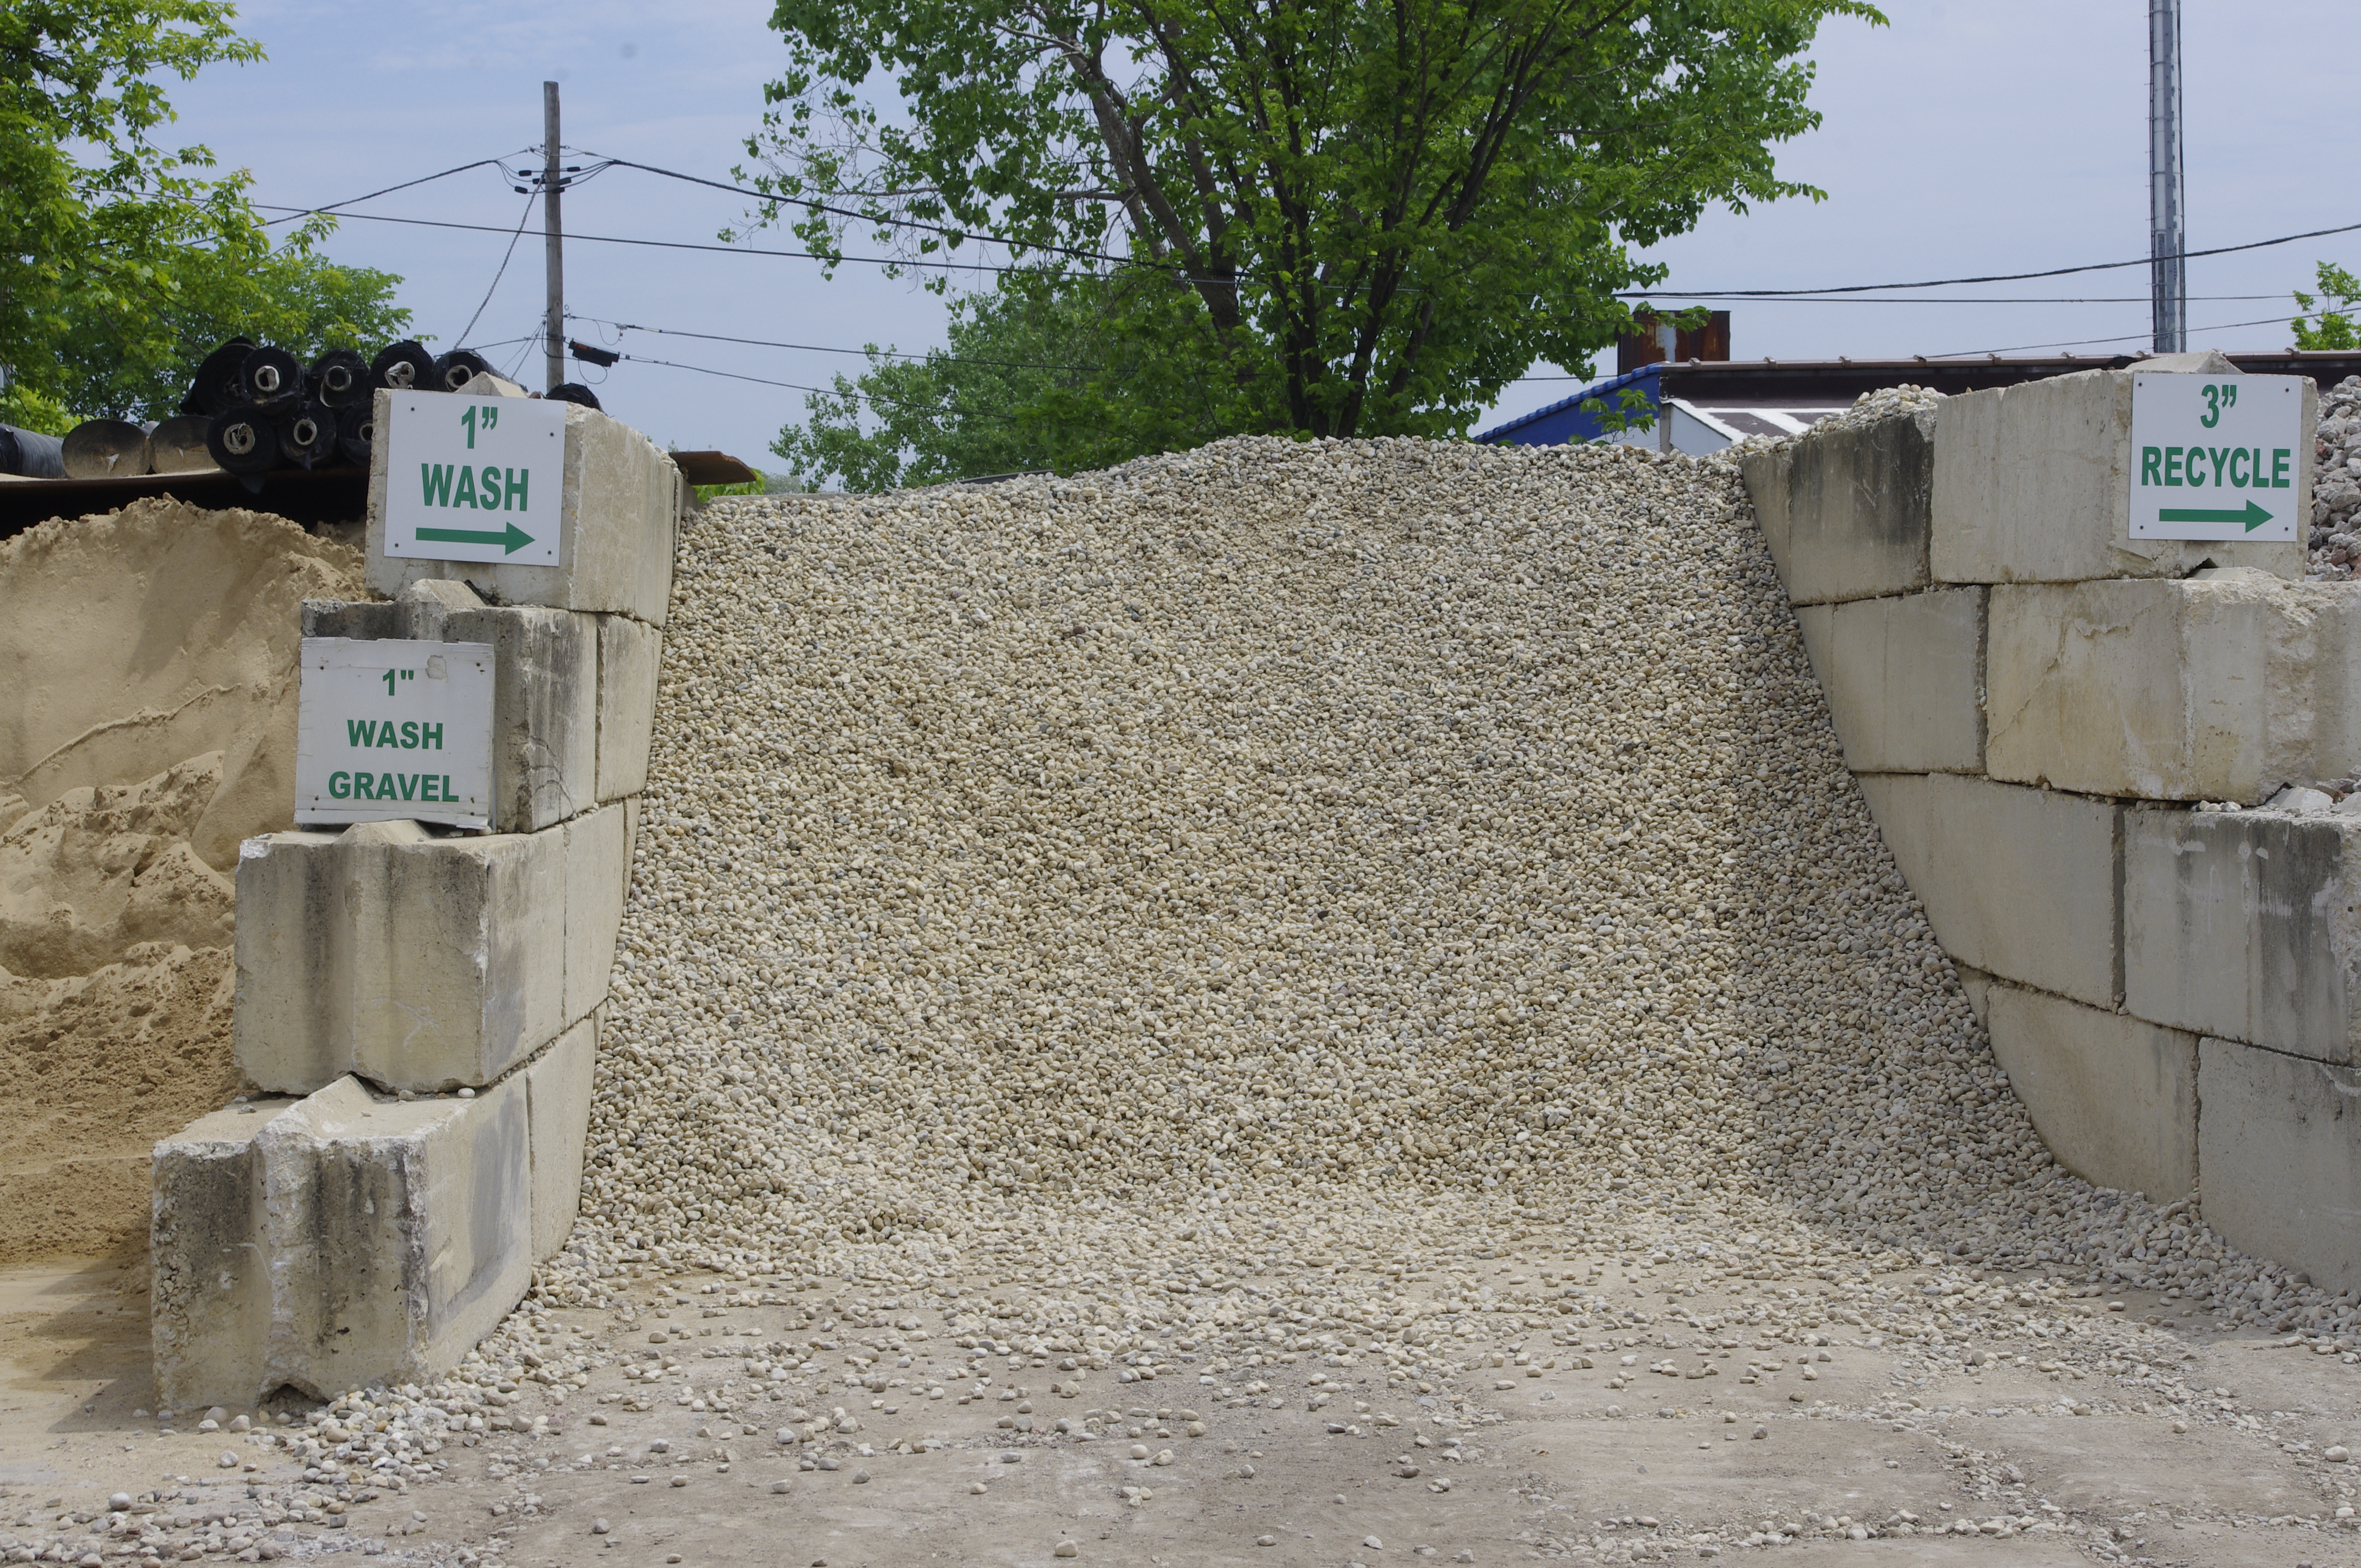 1 inch wash gravel